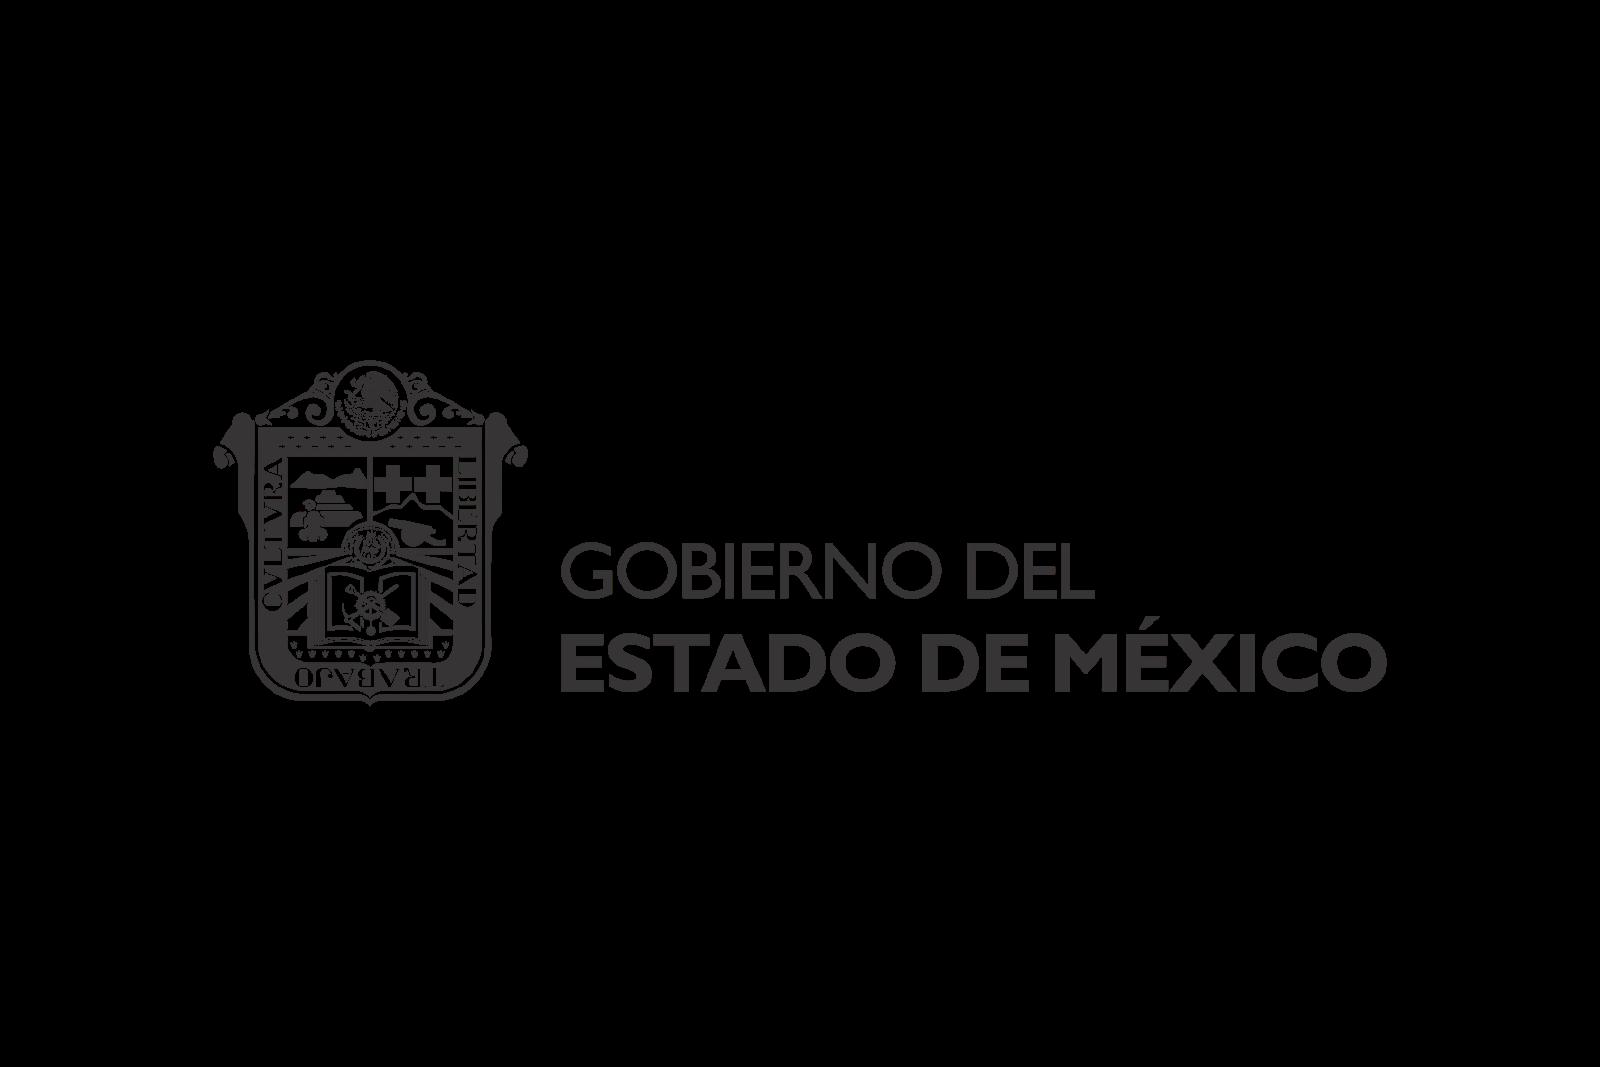 Gobierno Del Estado De Mexico Logo